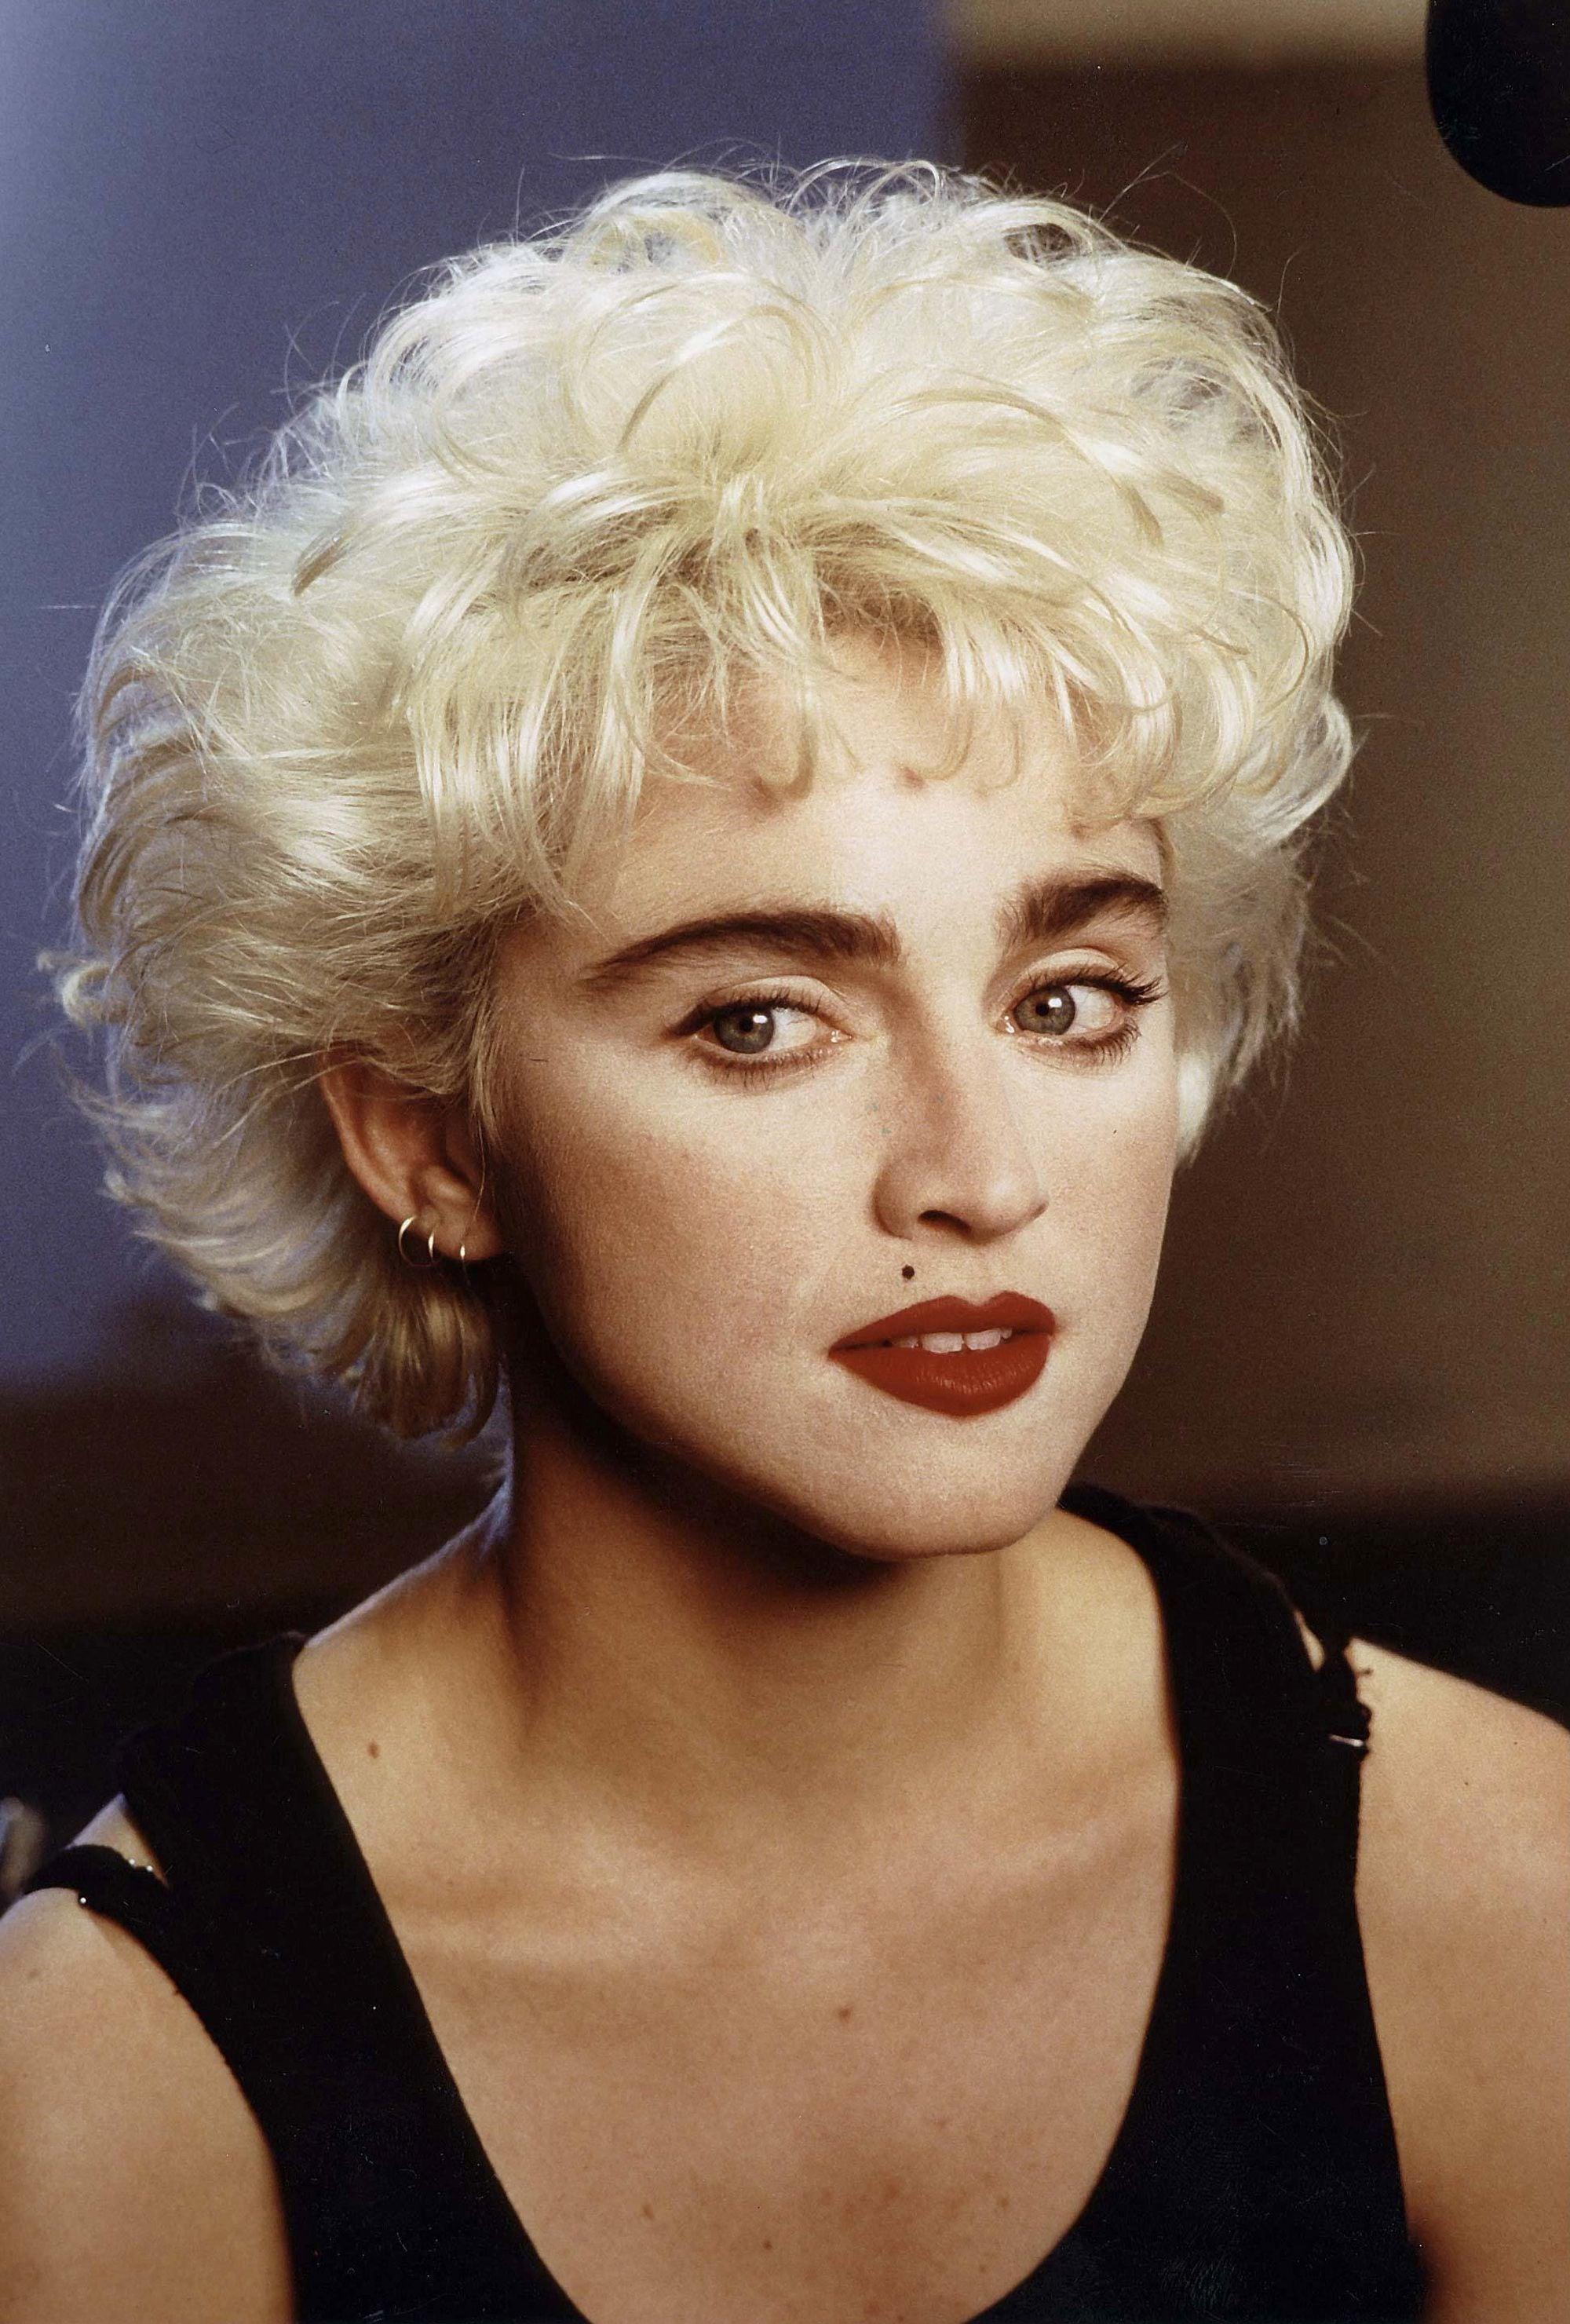 Madonna con pelo corto rubio ondulado